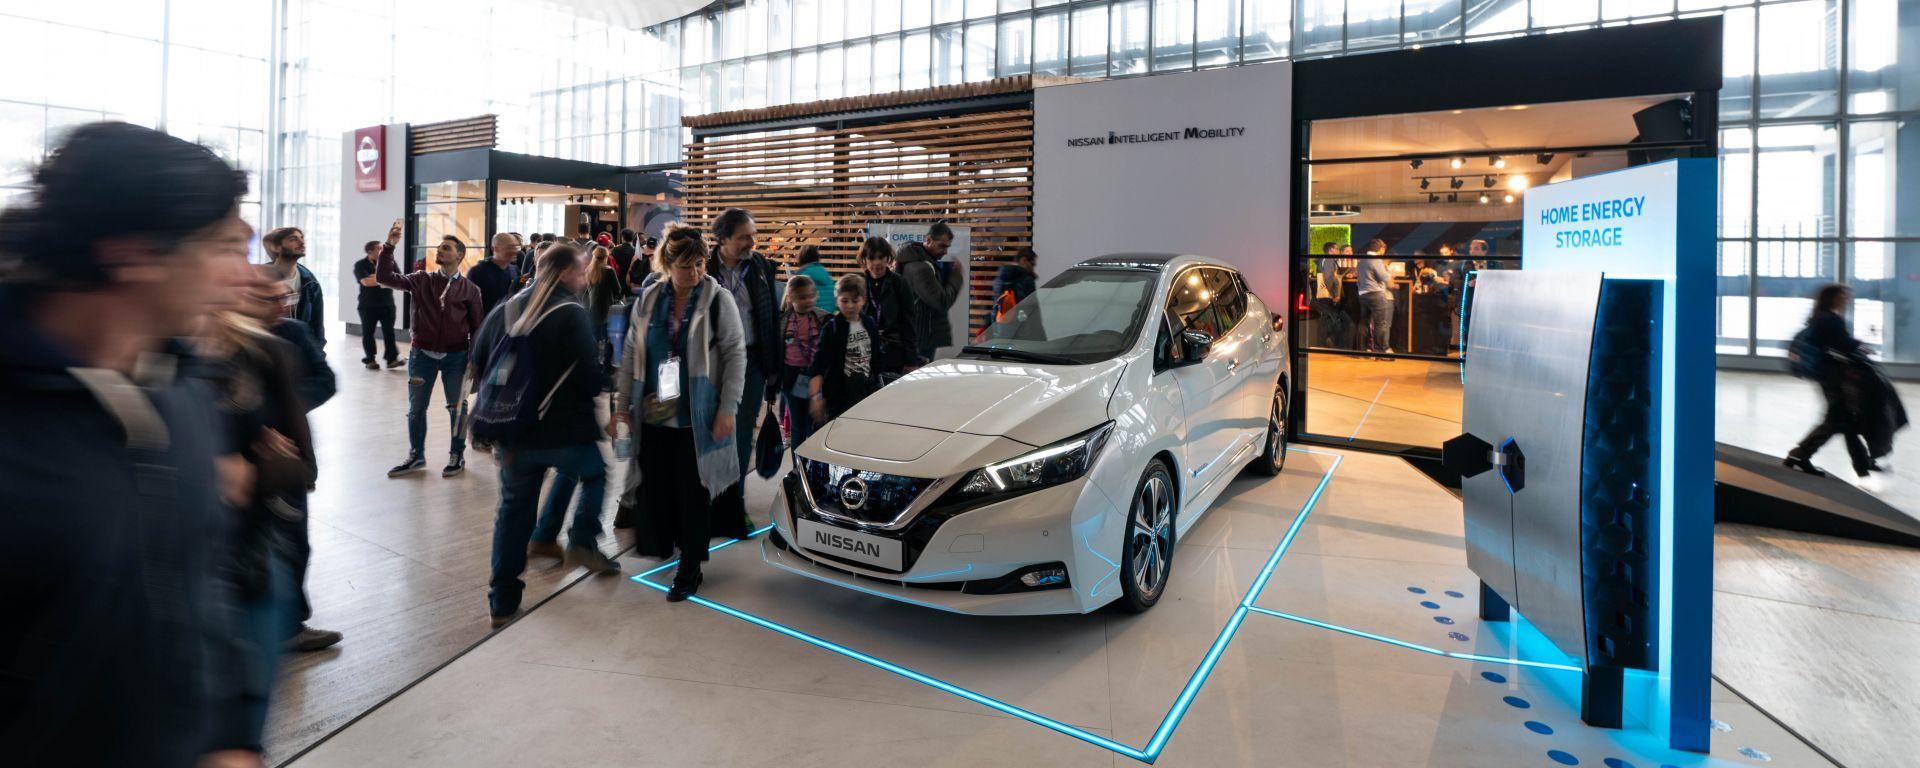 Auto elettriche: le strategie di Nissan